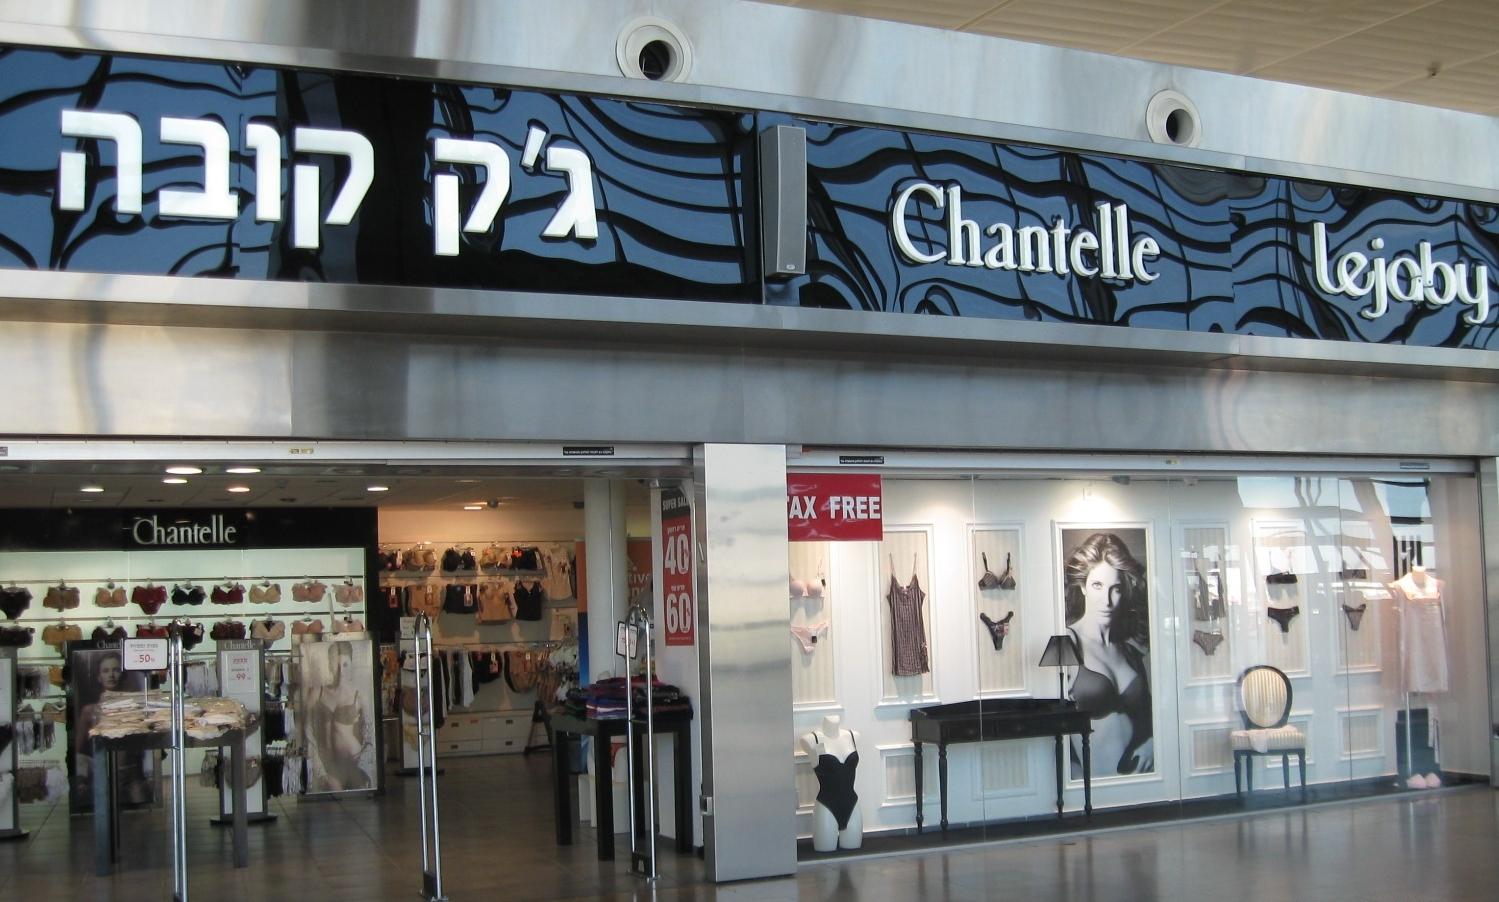 Летнее путешествие начинается в бутиках Jack Kuba в аэропорту